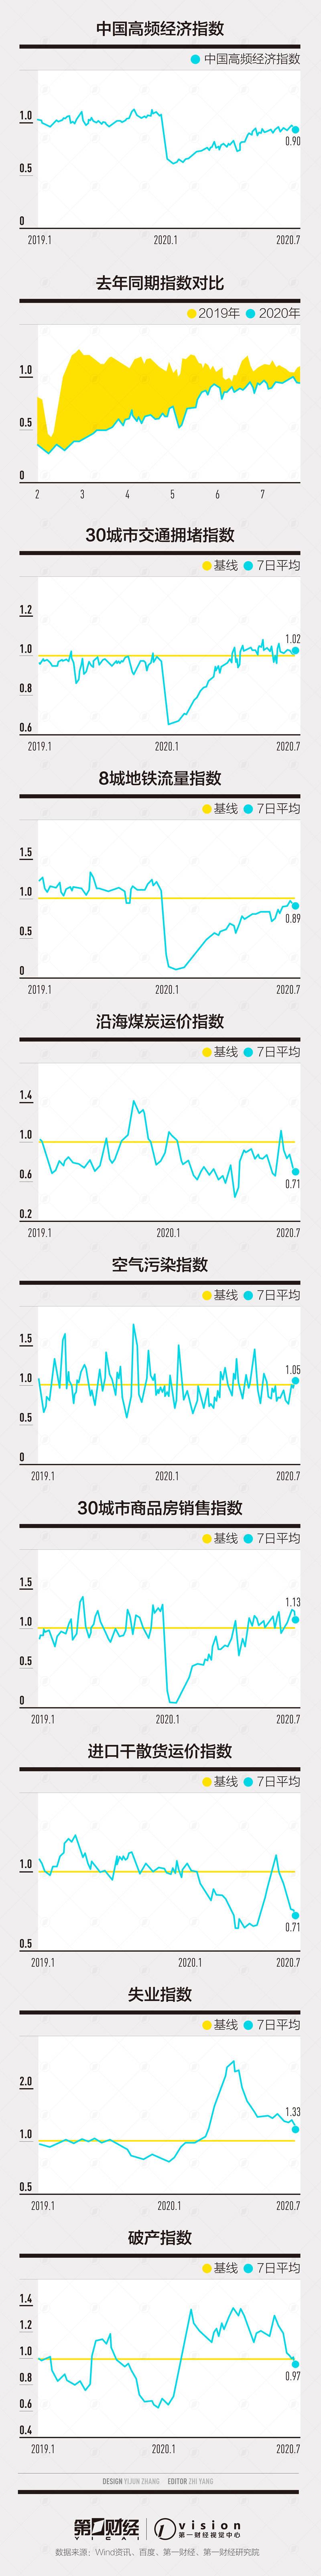 指數小幅下降,外需表現不佳|第一財經中國高頻經濟活動指數|